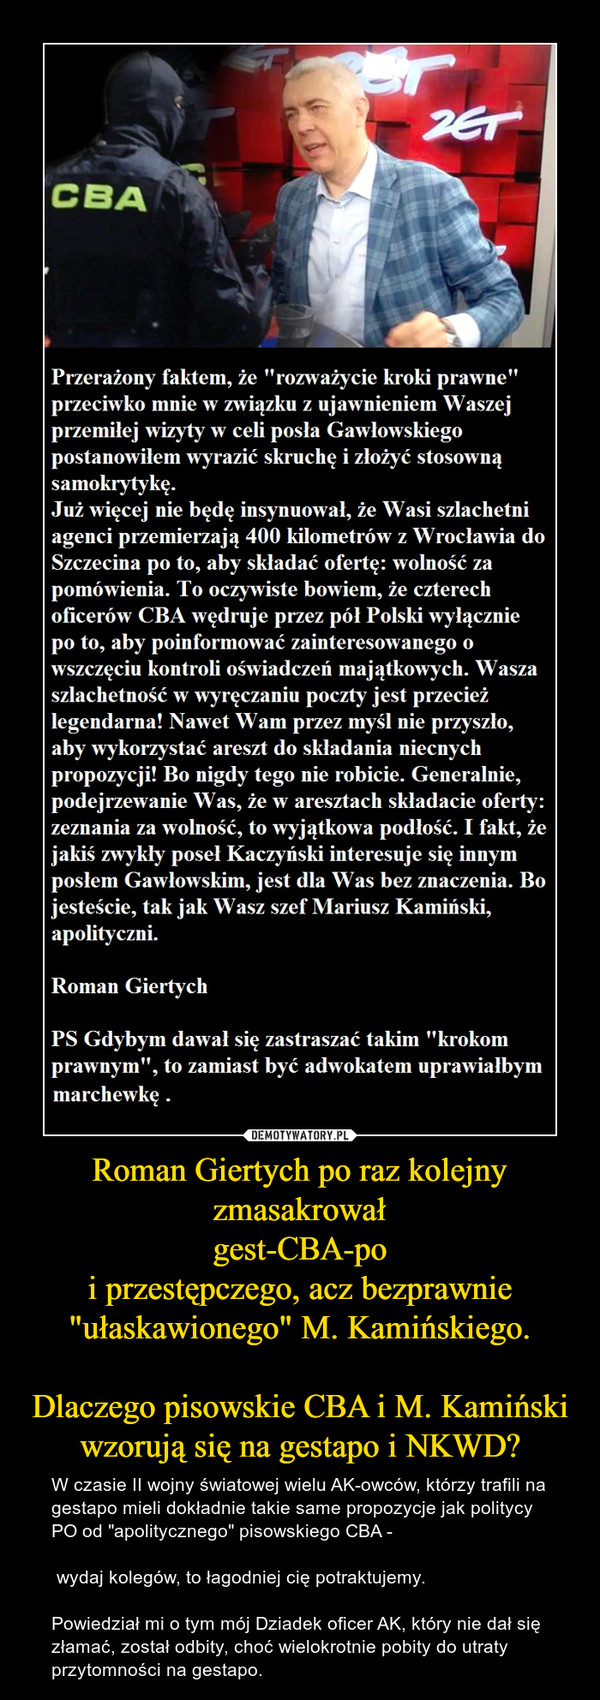 """Roman Giertych po raz kolejny zmasakrowałgest-CBA-poi przestępczego, acz bezprawnie """"ułaskawionego"""" M. Kamińskiego.Dlaczego pisowskie CBA i M. Kamiński wzorują się na gestapo i NKWD? – W czasie II wojny światowej wielu AK-owców, którzy trafili na gestapo mieli dokładnie takie same propozycje jak politycy PO od """"apolitycznego"""" pisowskiego CBA - wydaj kolegów, to łagodniej cię potraktujemy. Powiedział mi o tym mój Dziadek oficer AK, który nie dał się złamać, został odbity, choć wielokrotnie pobity do utraty przytomności na gestapo."""